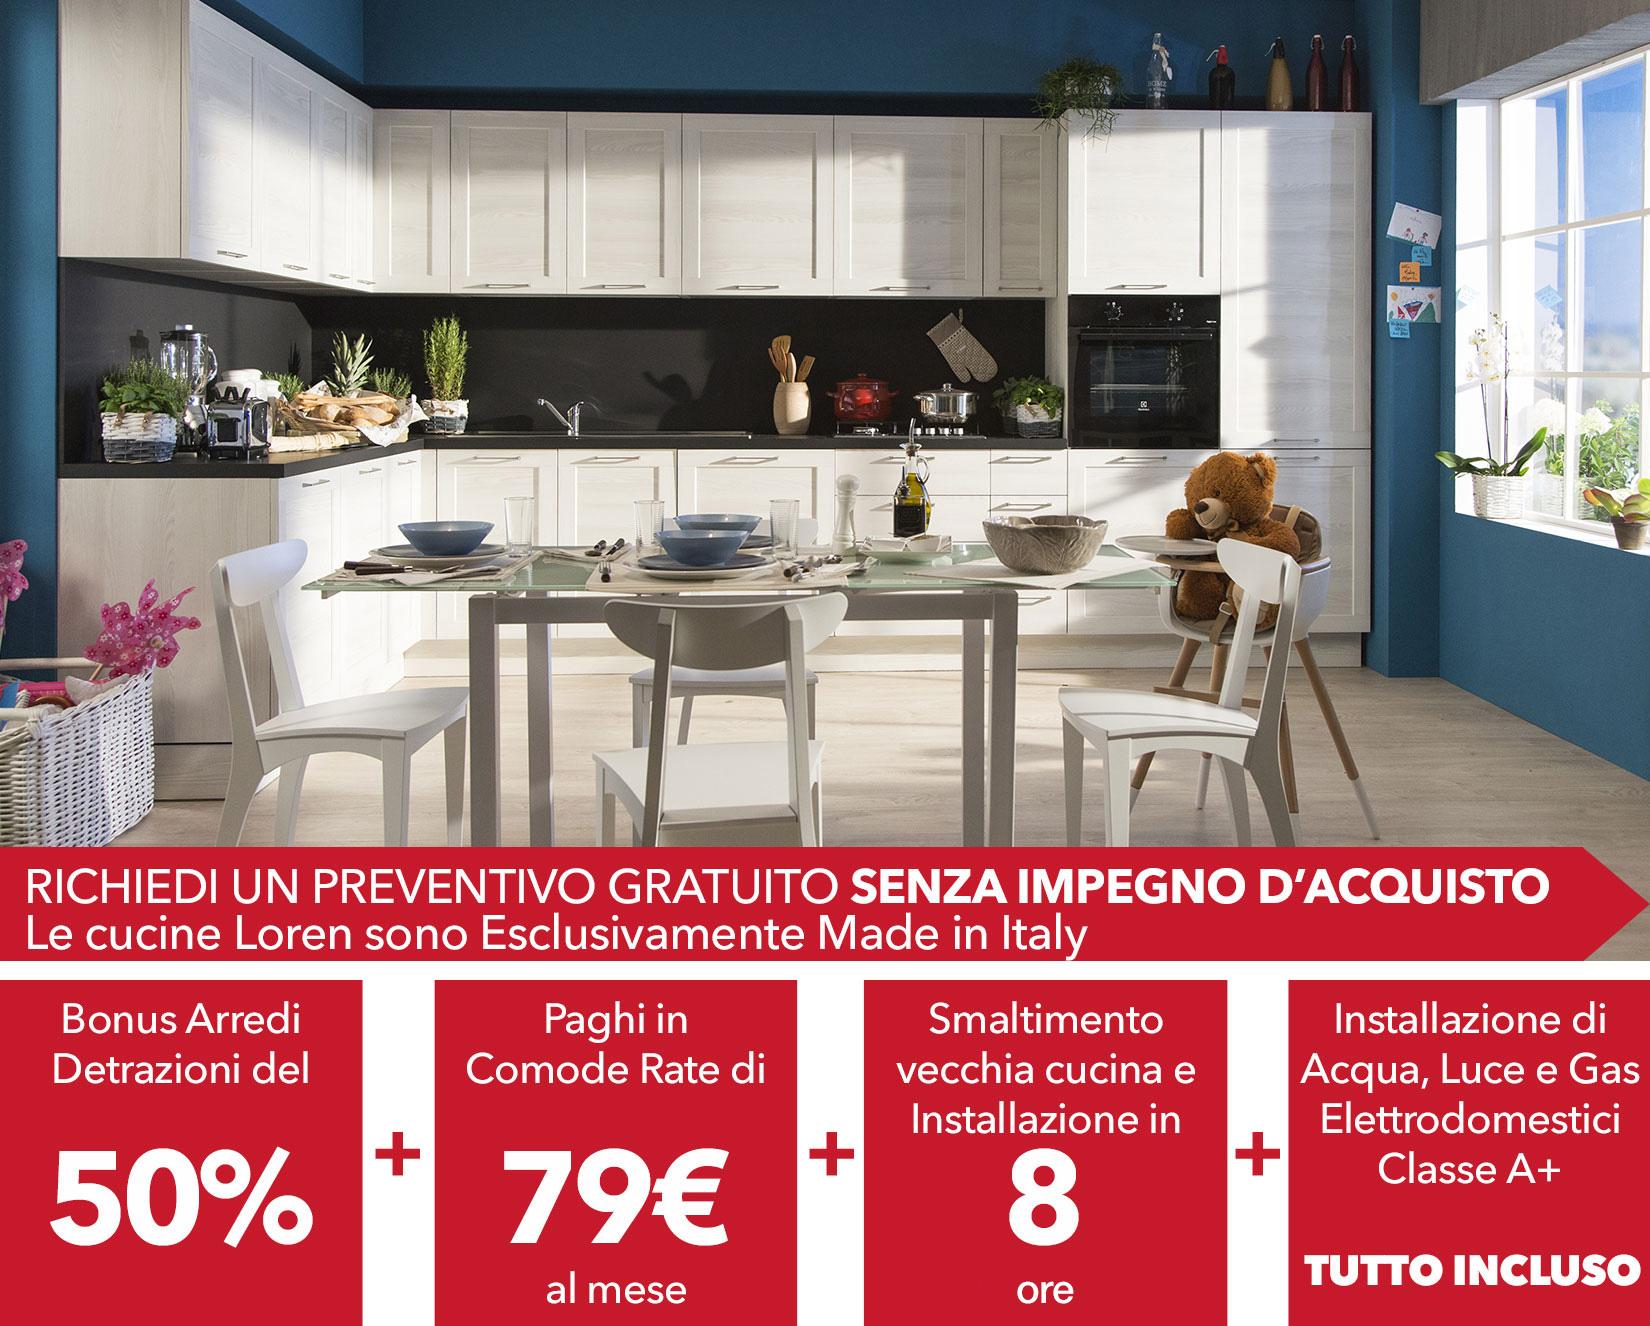 Detrazione acquisto cucina paovigano with detrazione for Detrazione acquisto mobili